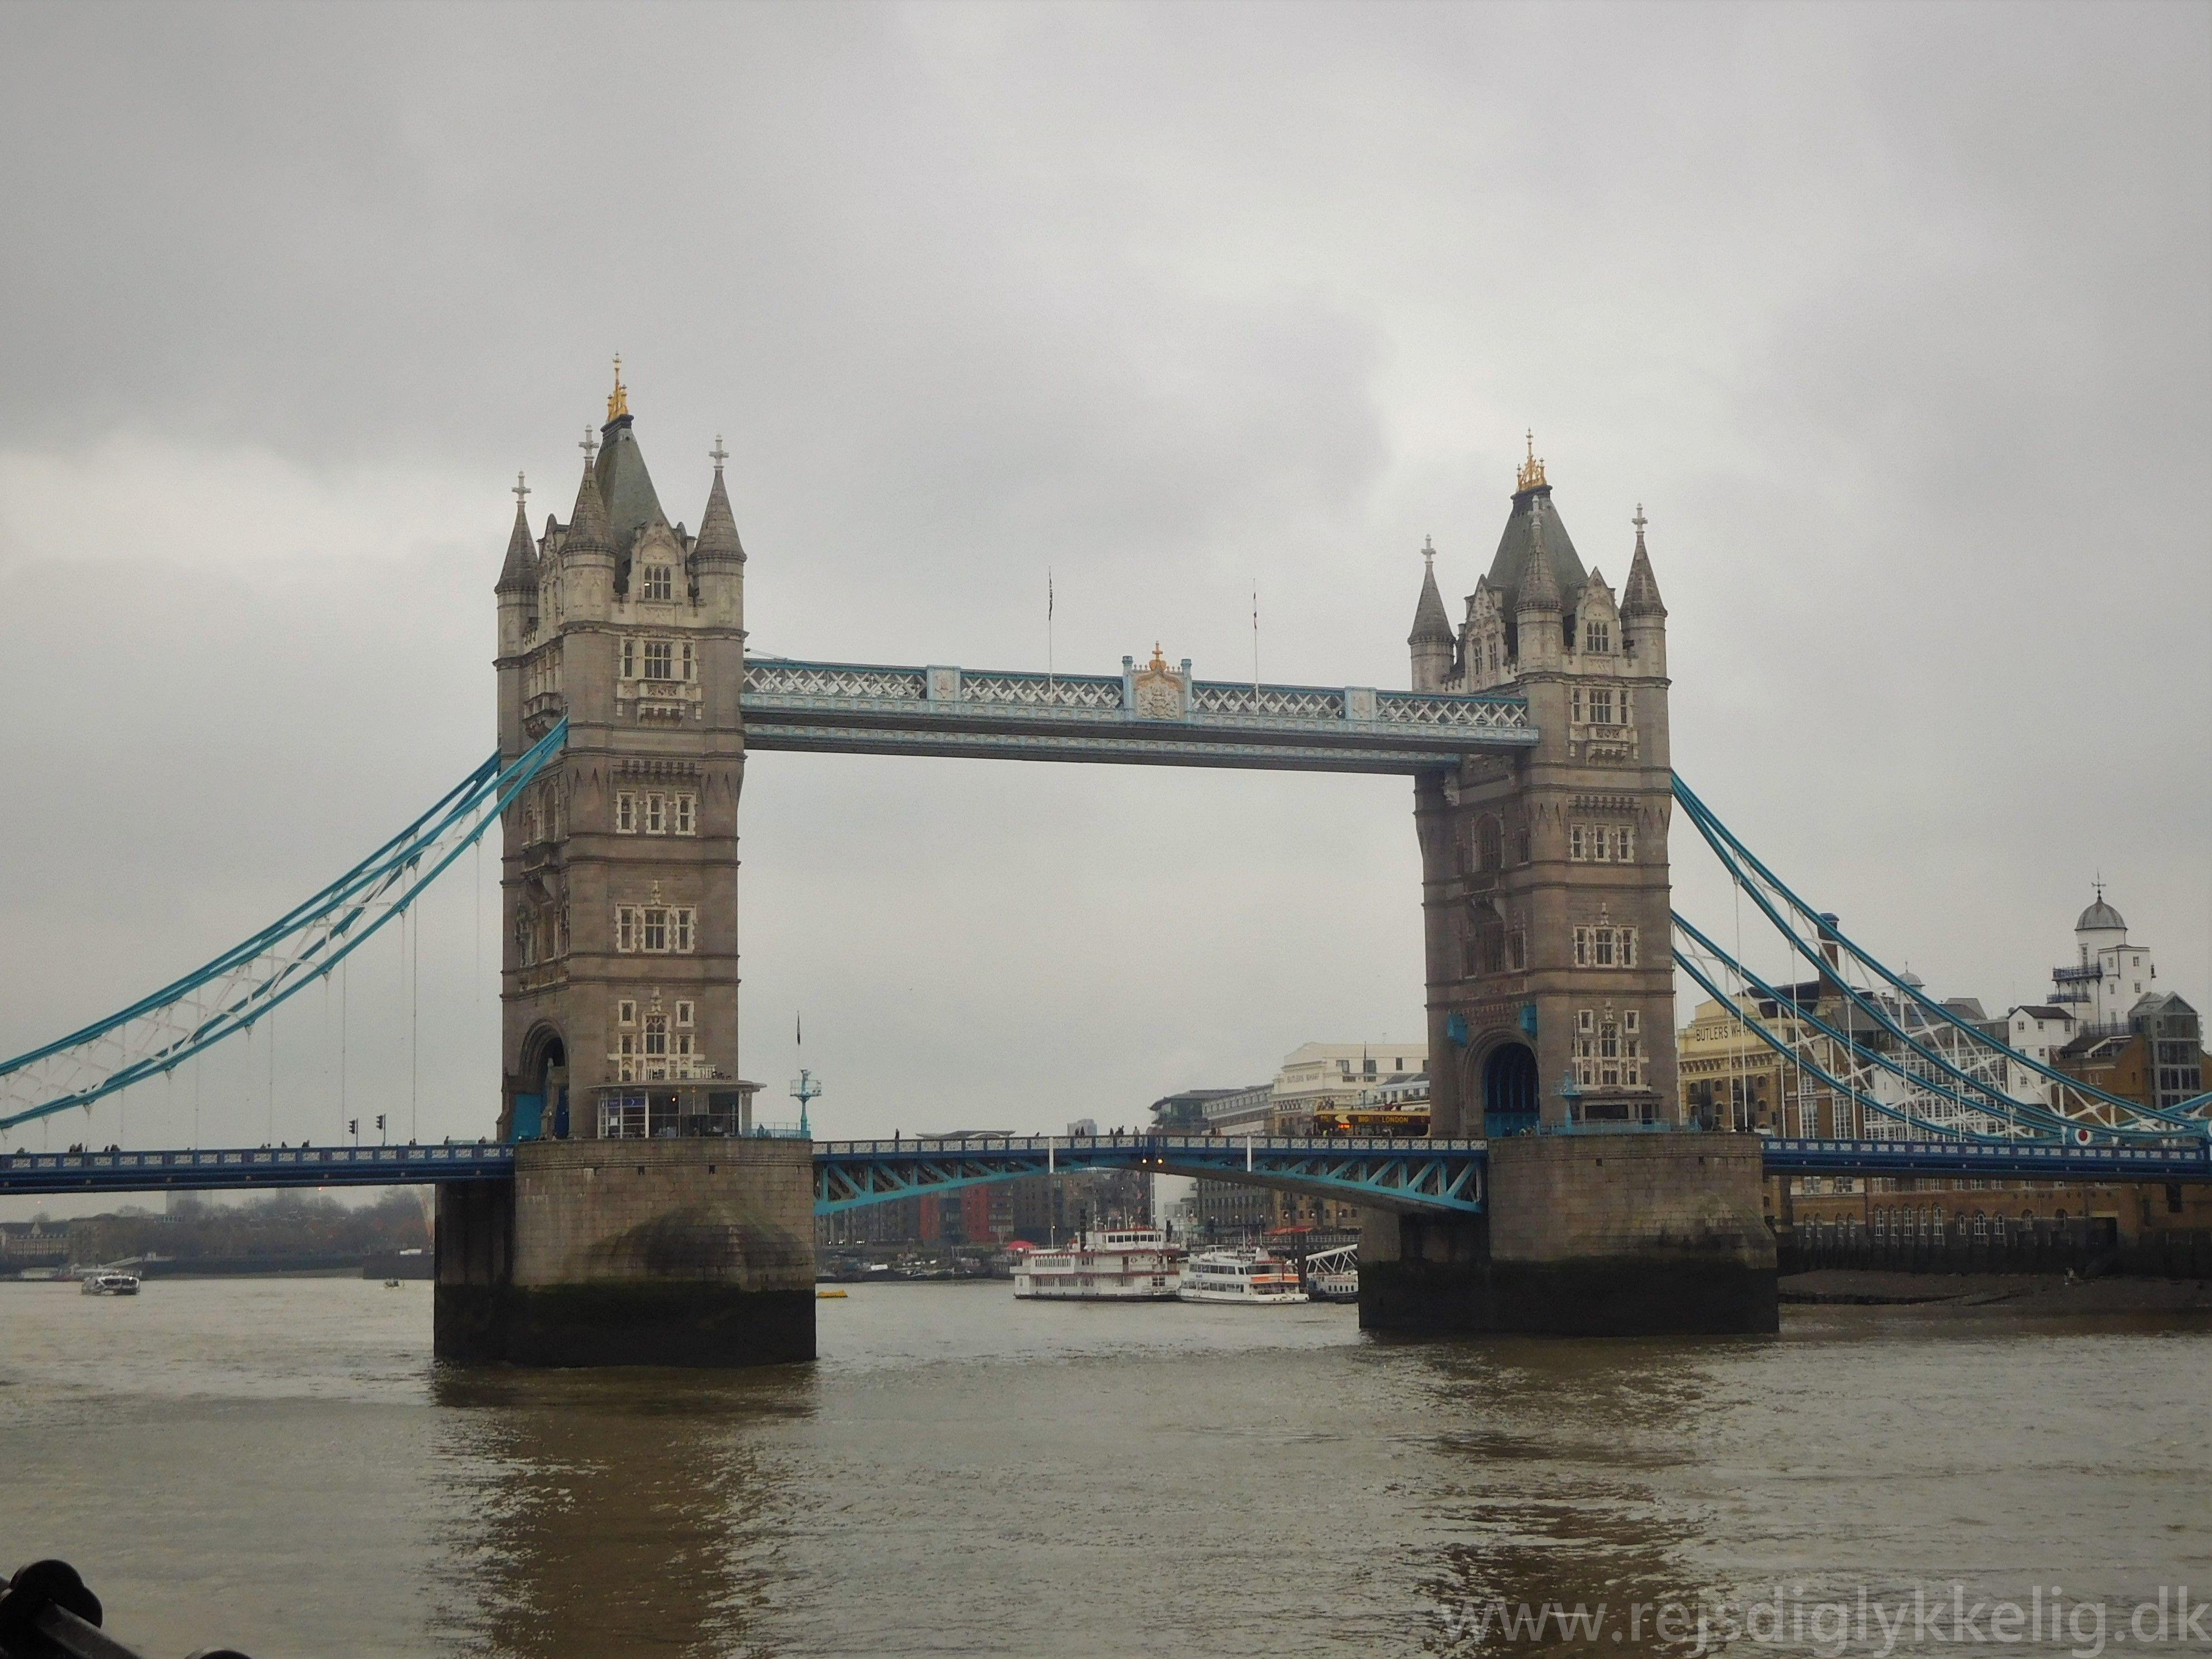 Tilbageblik på 2018 - Tower Bridge - Rejsdiglykkelig.dk